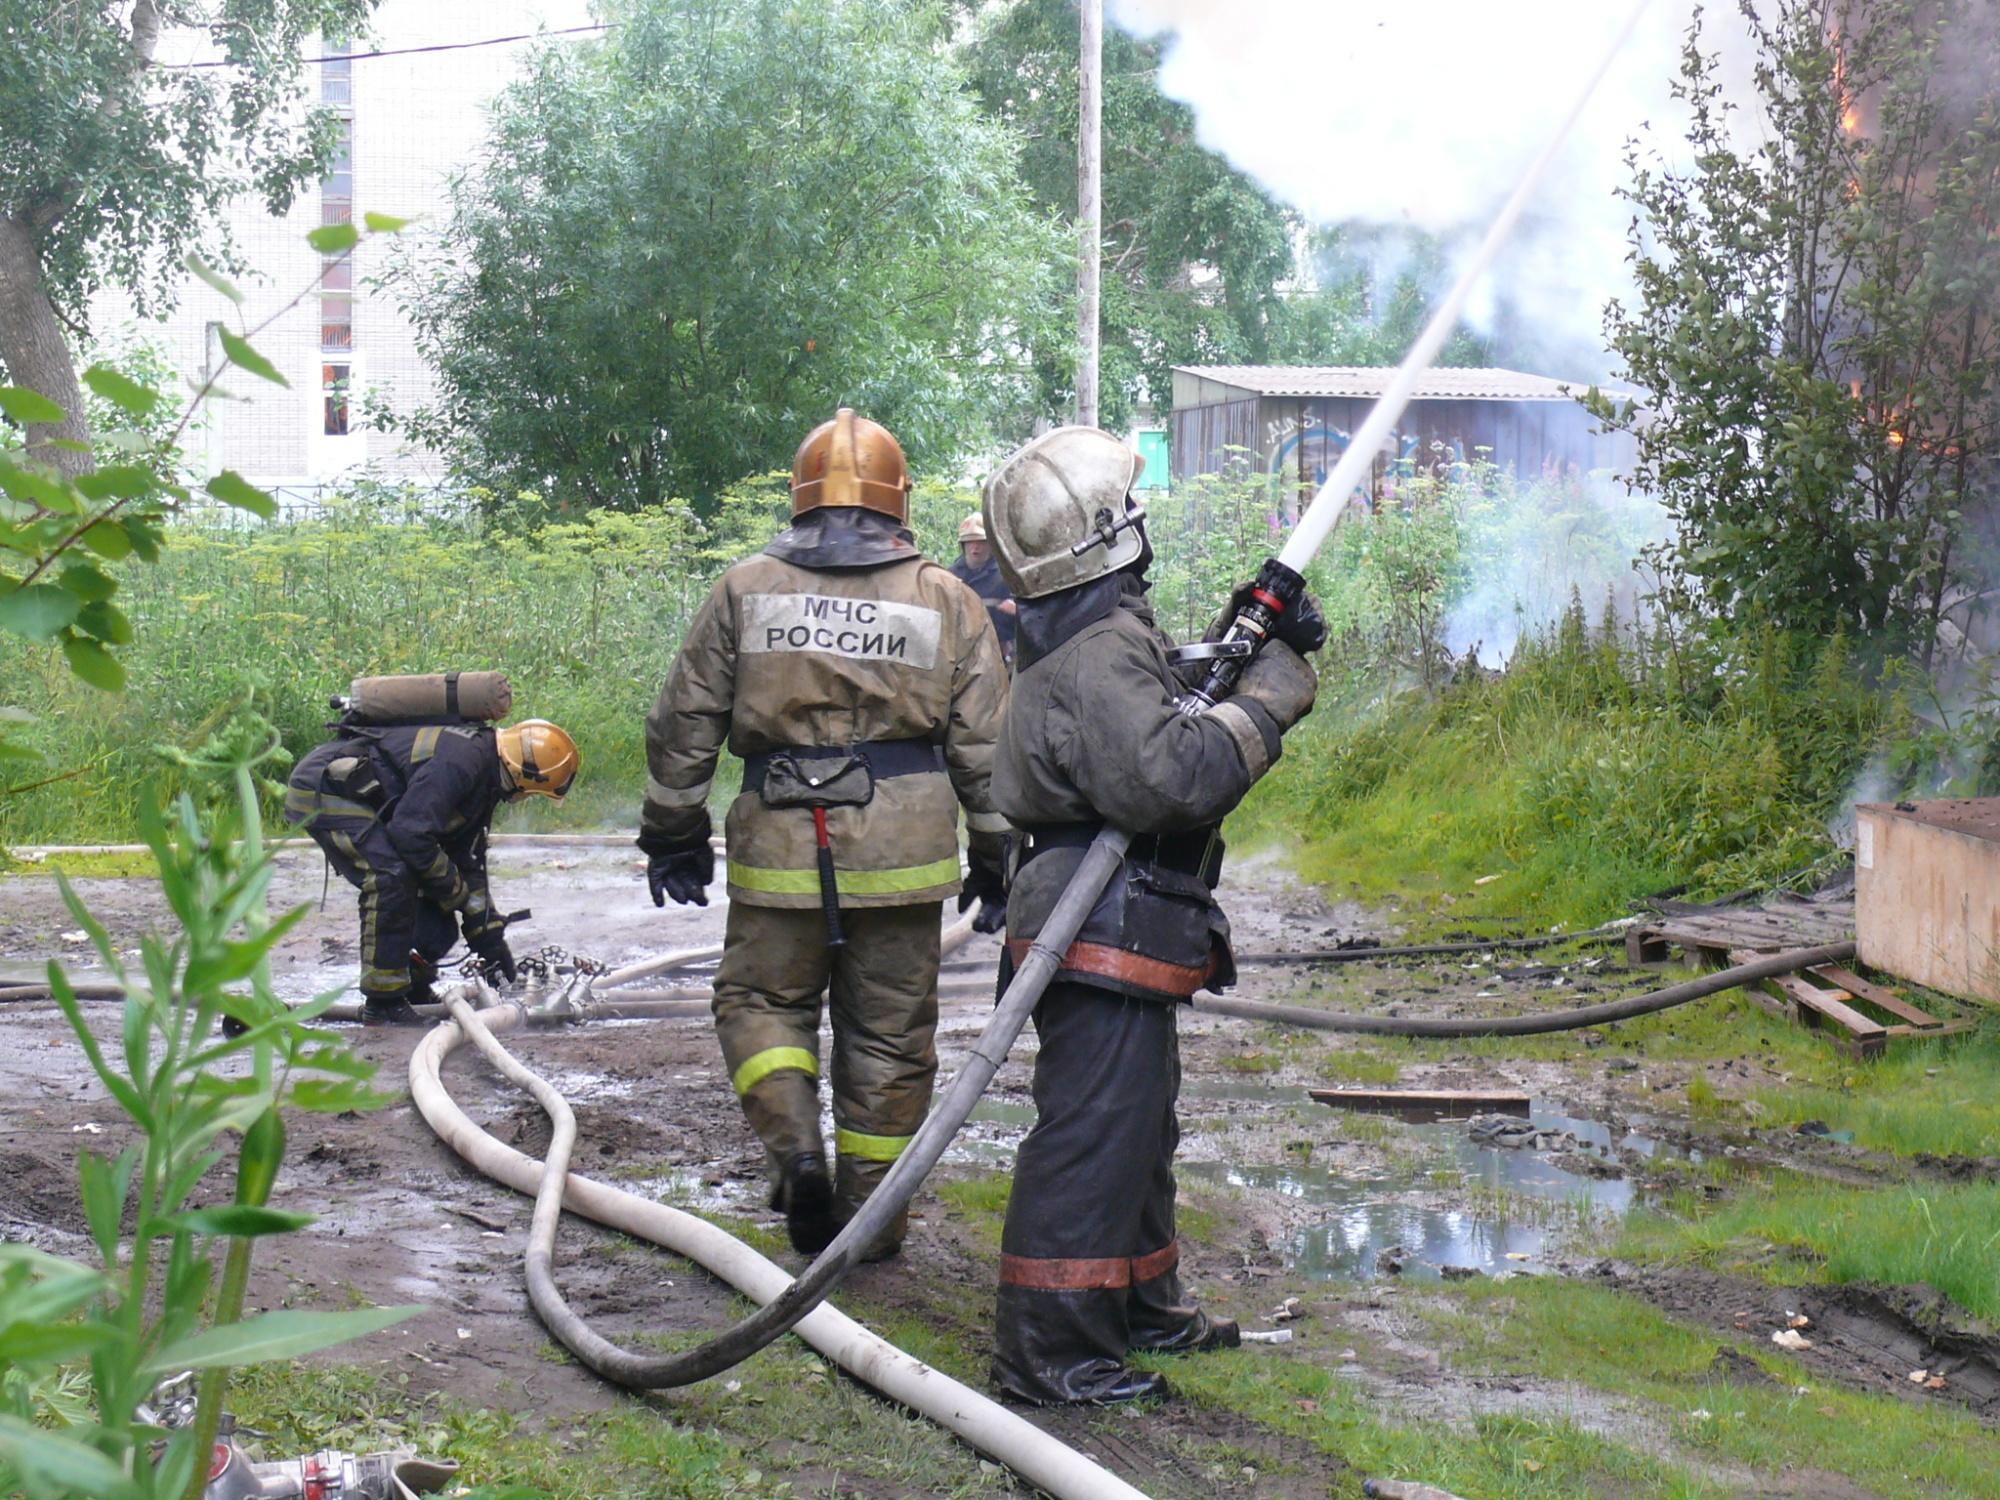 Пожарно-спасательные подразделения ликвидировали пожар в Вельском районе Архангельской области.